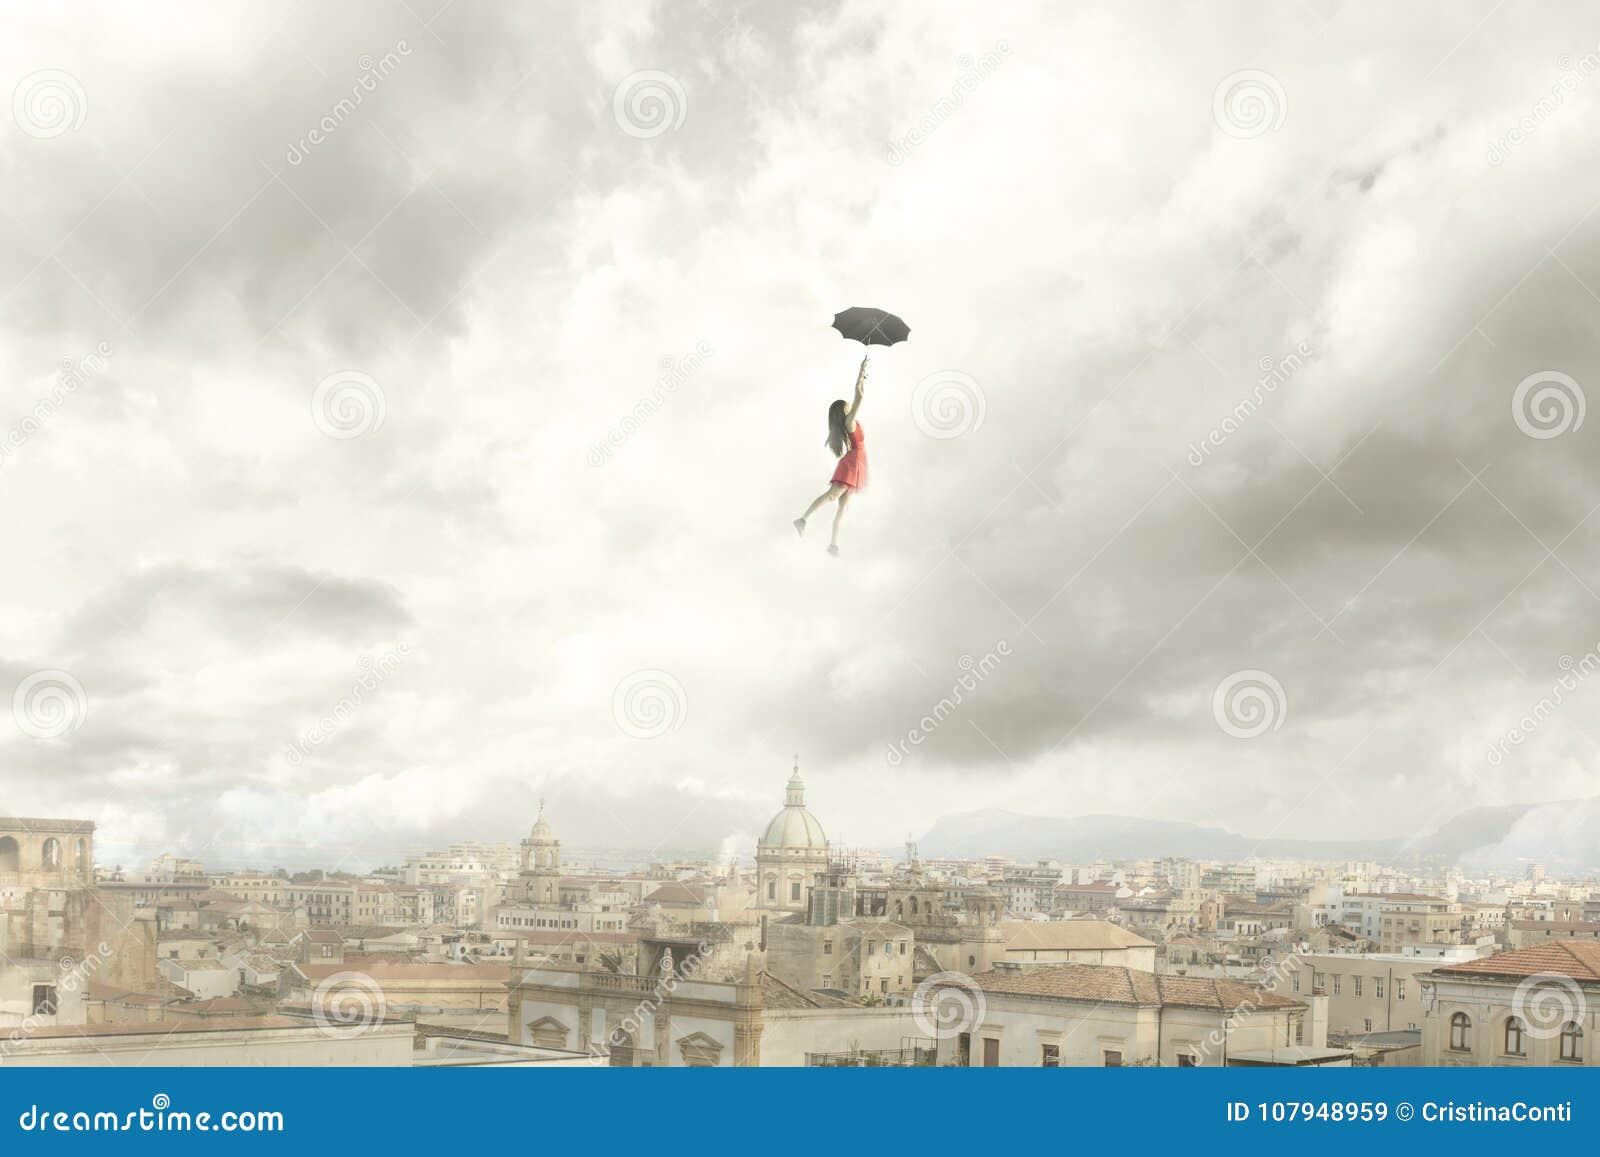 Surrealistyczny moment kobiety latanie z jej parasolem nad miastem